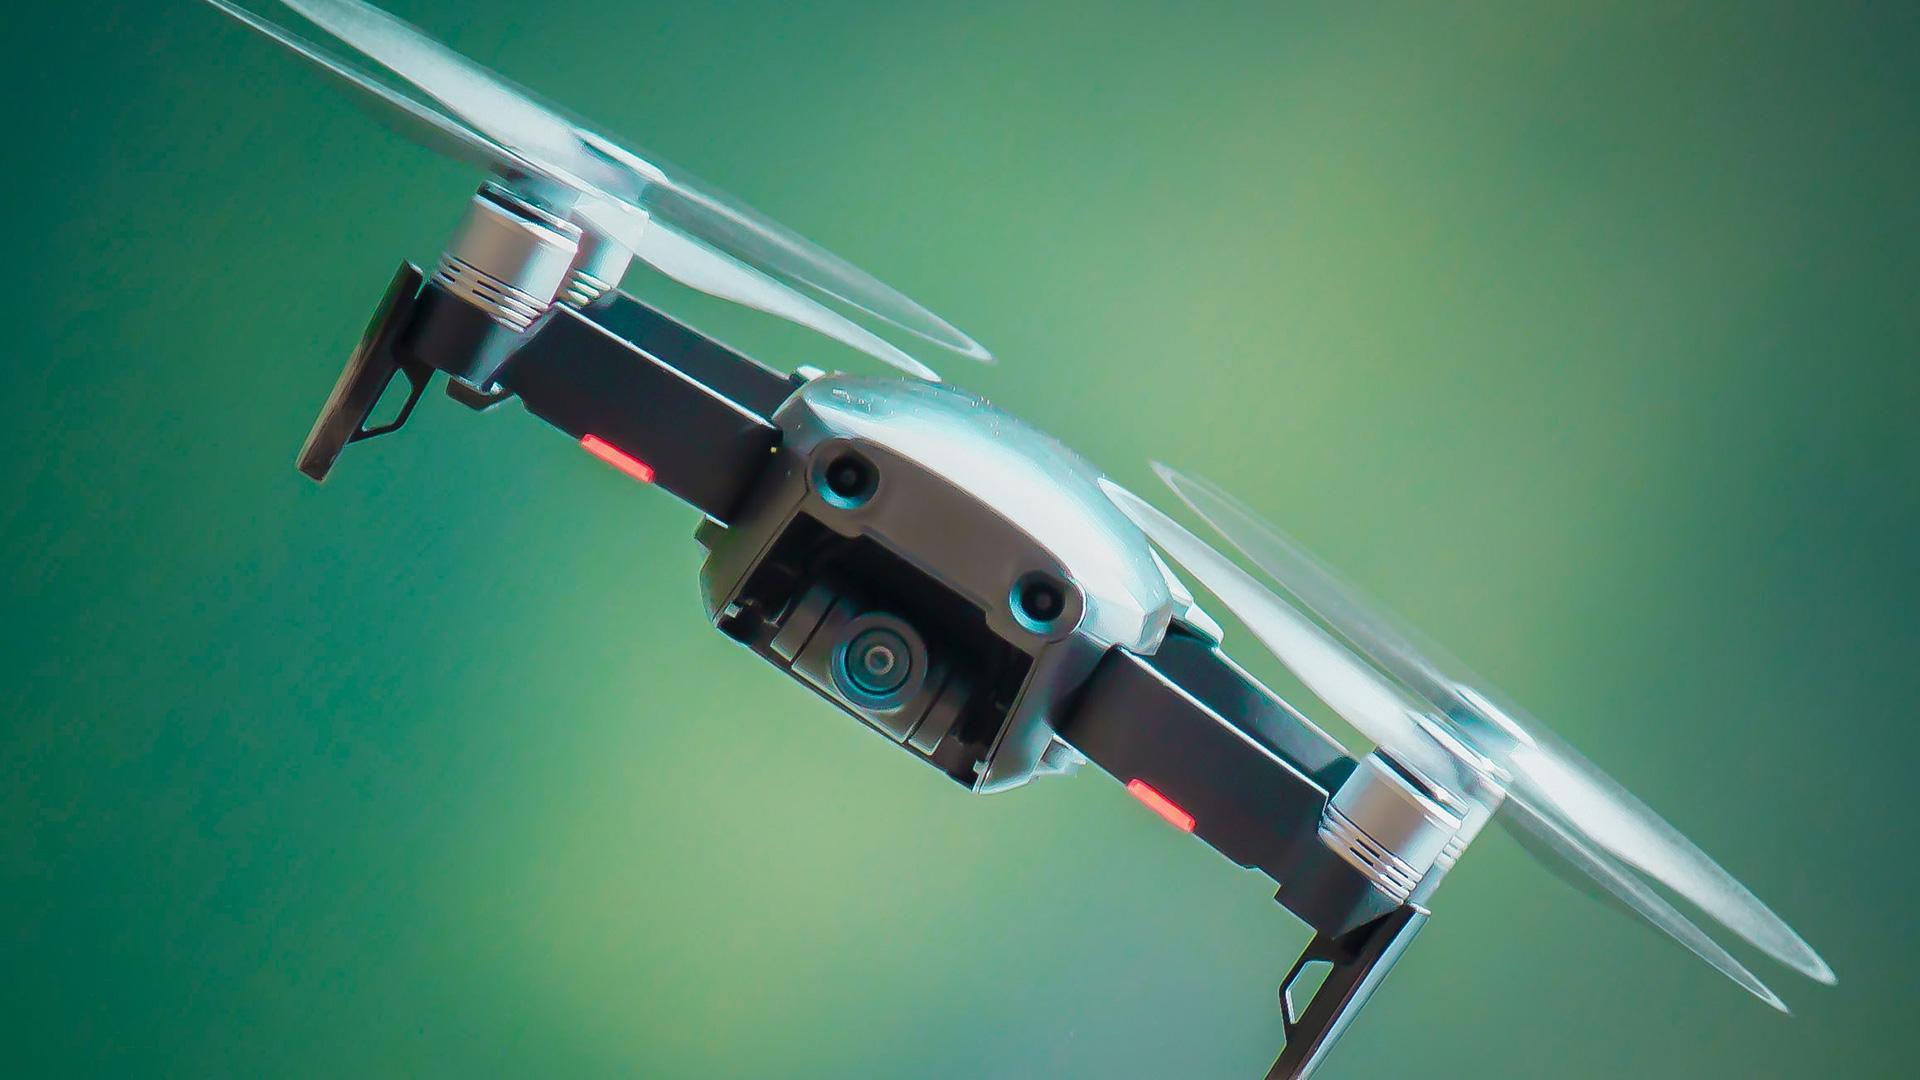 drone flight app